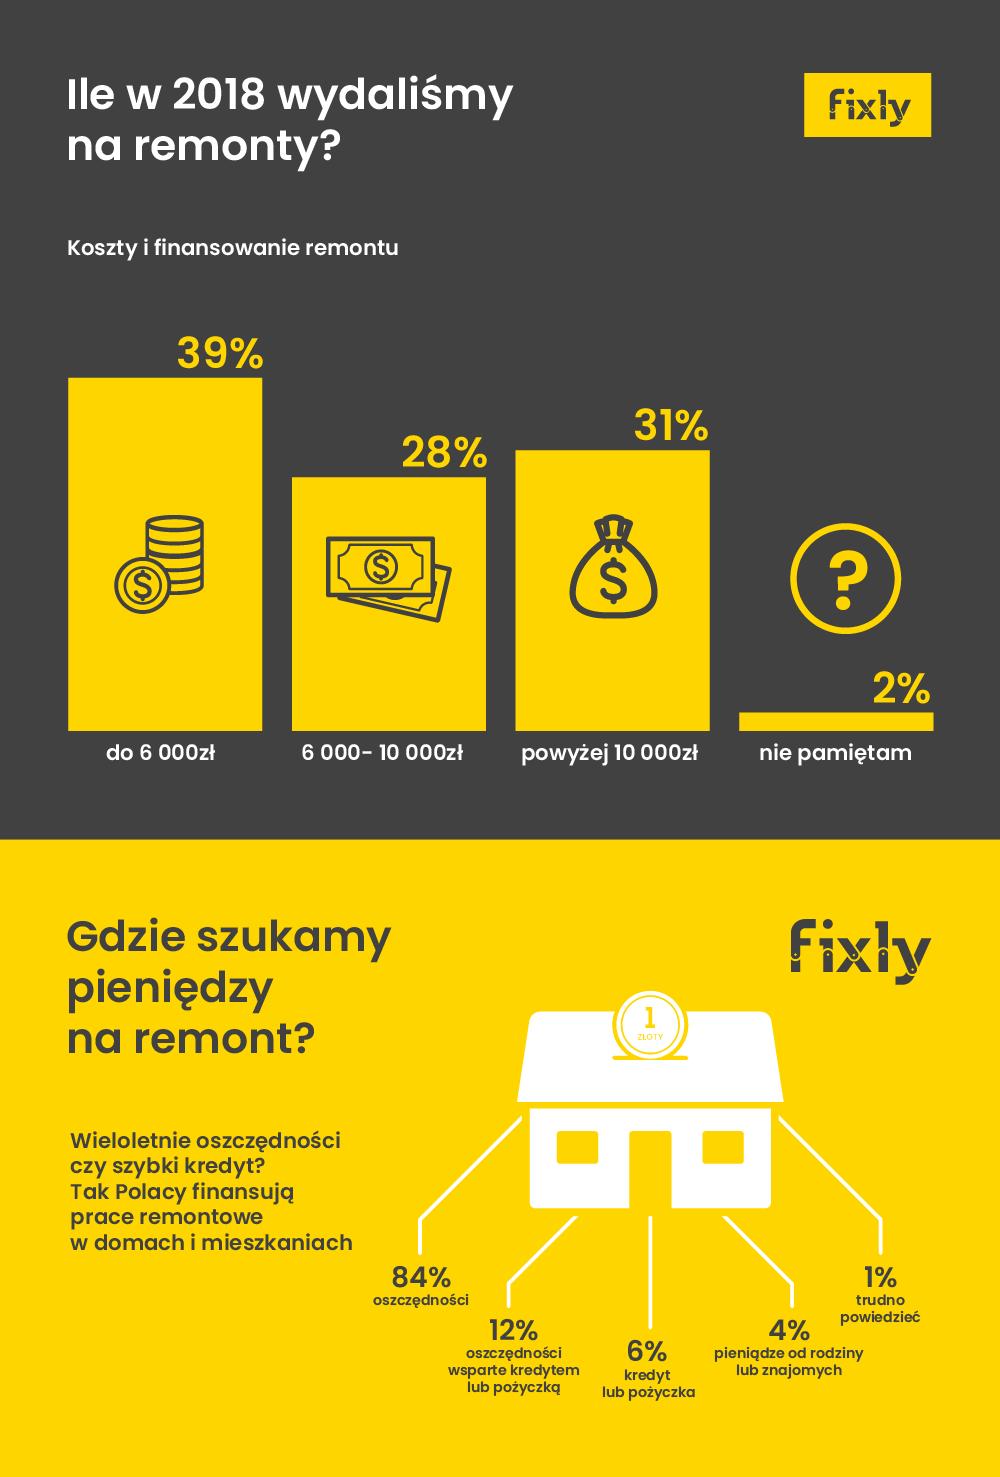 Ile Polacy wydali pieniędzy na remonty w 2018 r. Źródło: Fixly